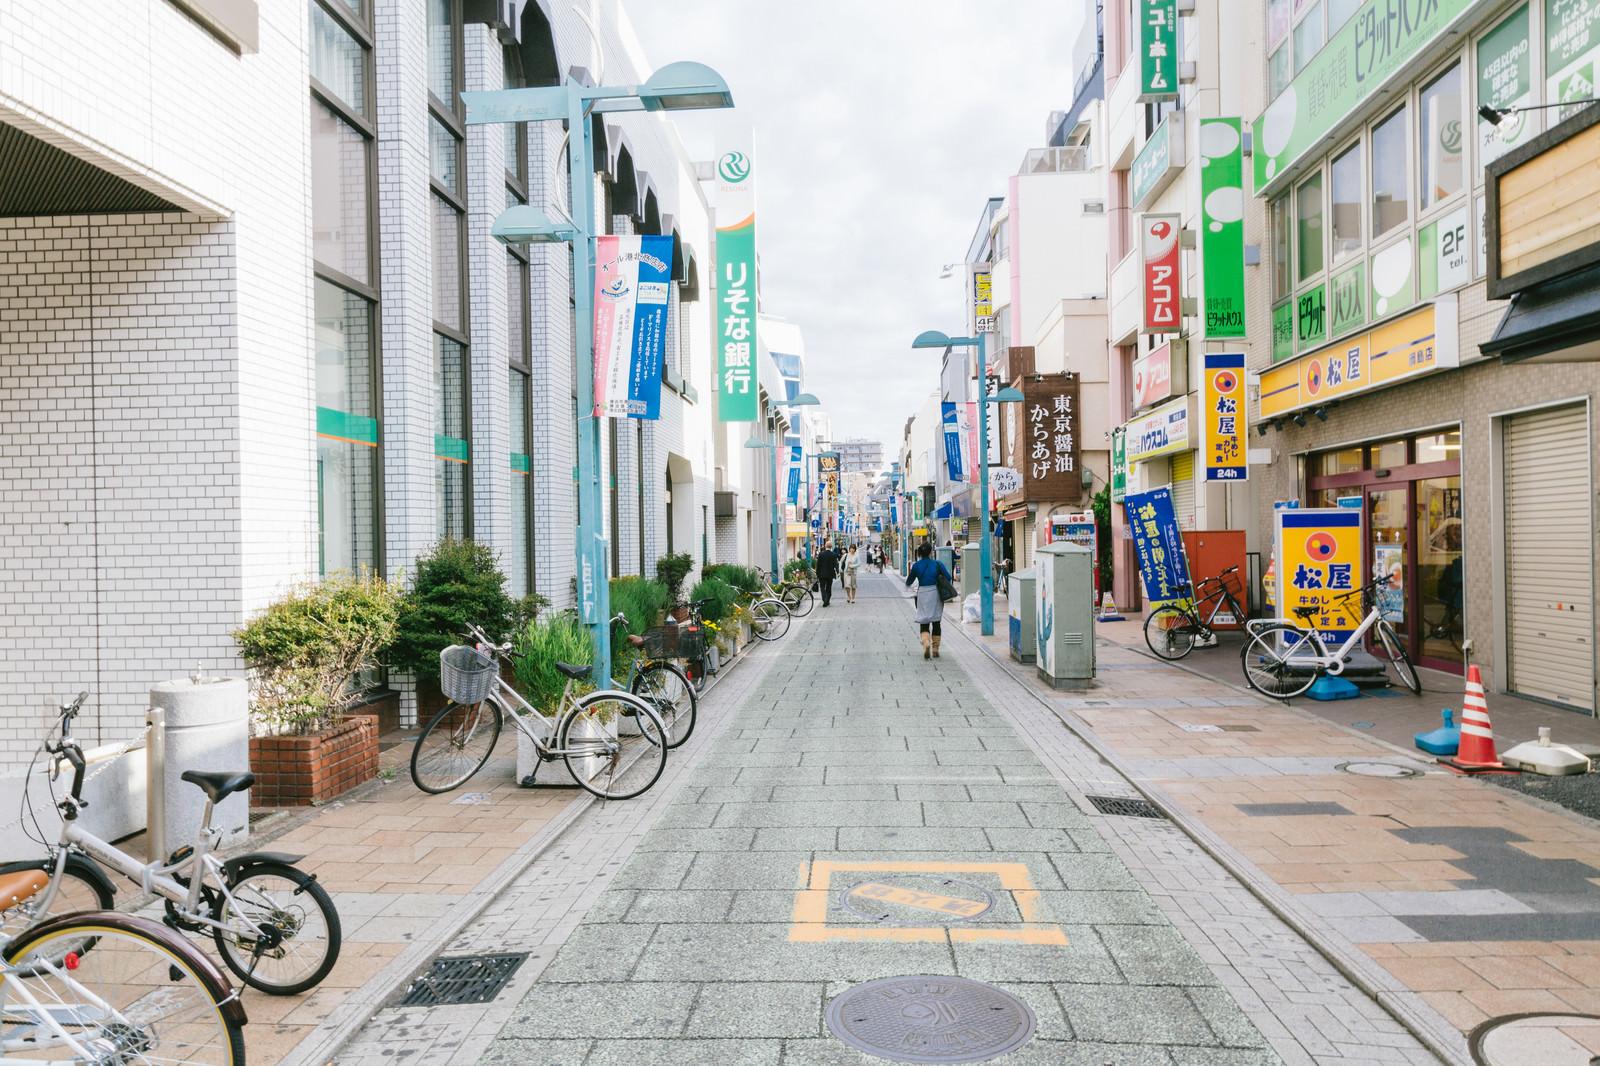 「綱島商店街入り口」の写真